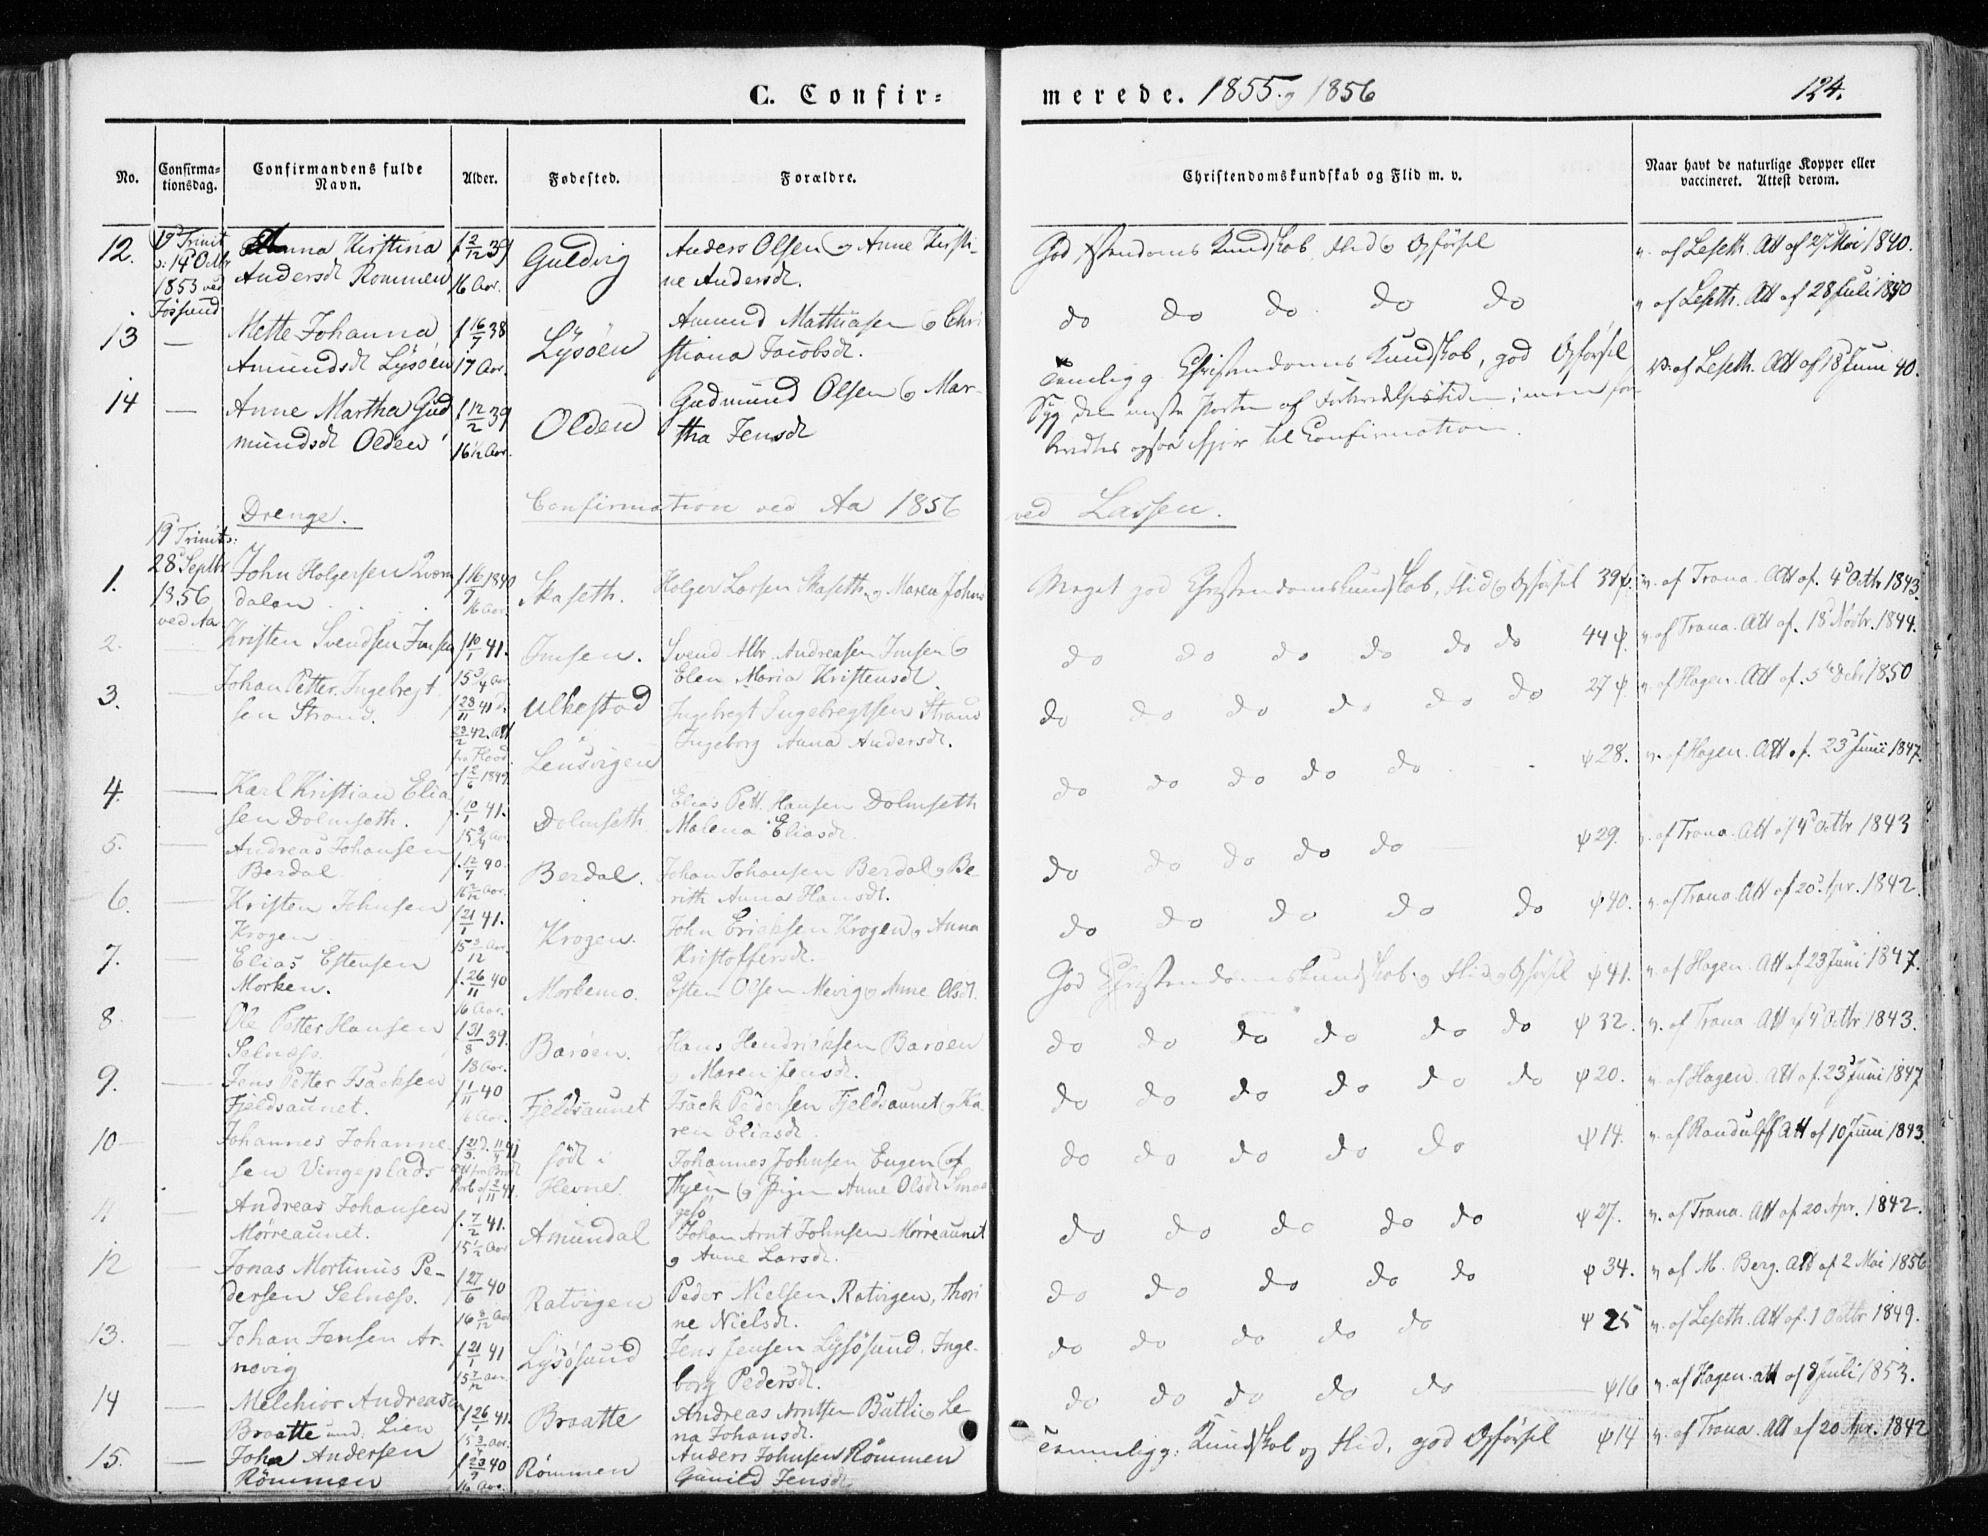 SAT, Ministerialprotokoller, klokkerbøker og fødselsregistre - Sør-Trøndelag, 655/L0677: Ministerialbok nr. 655A06, 1847-1860, s. 124